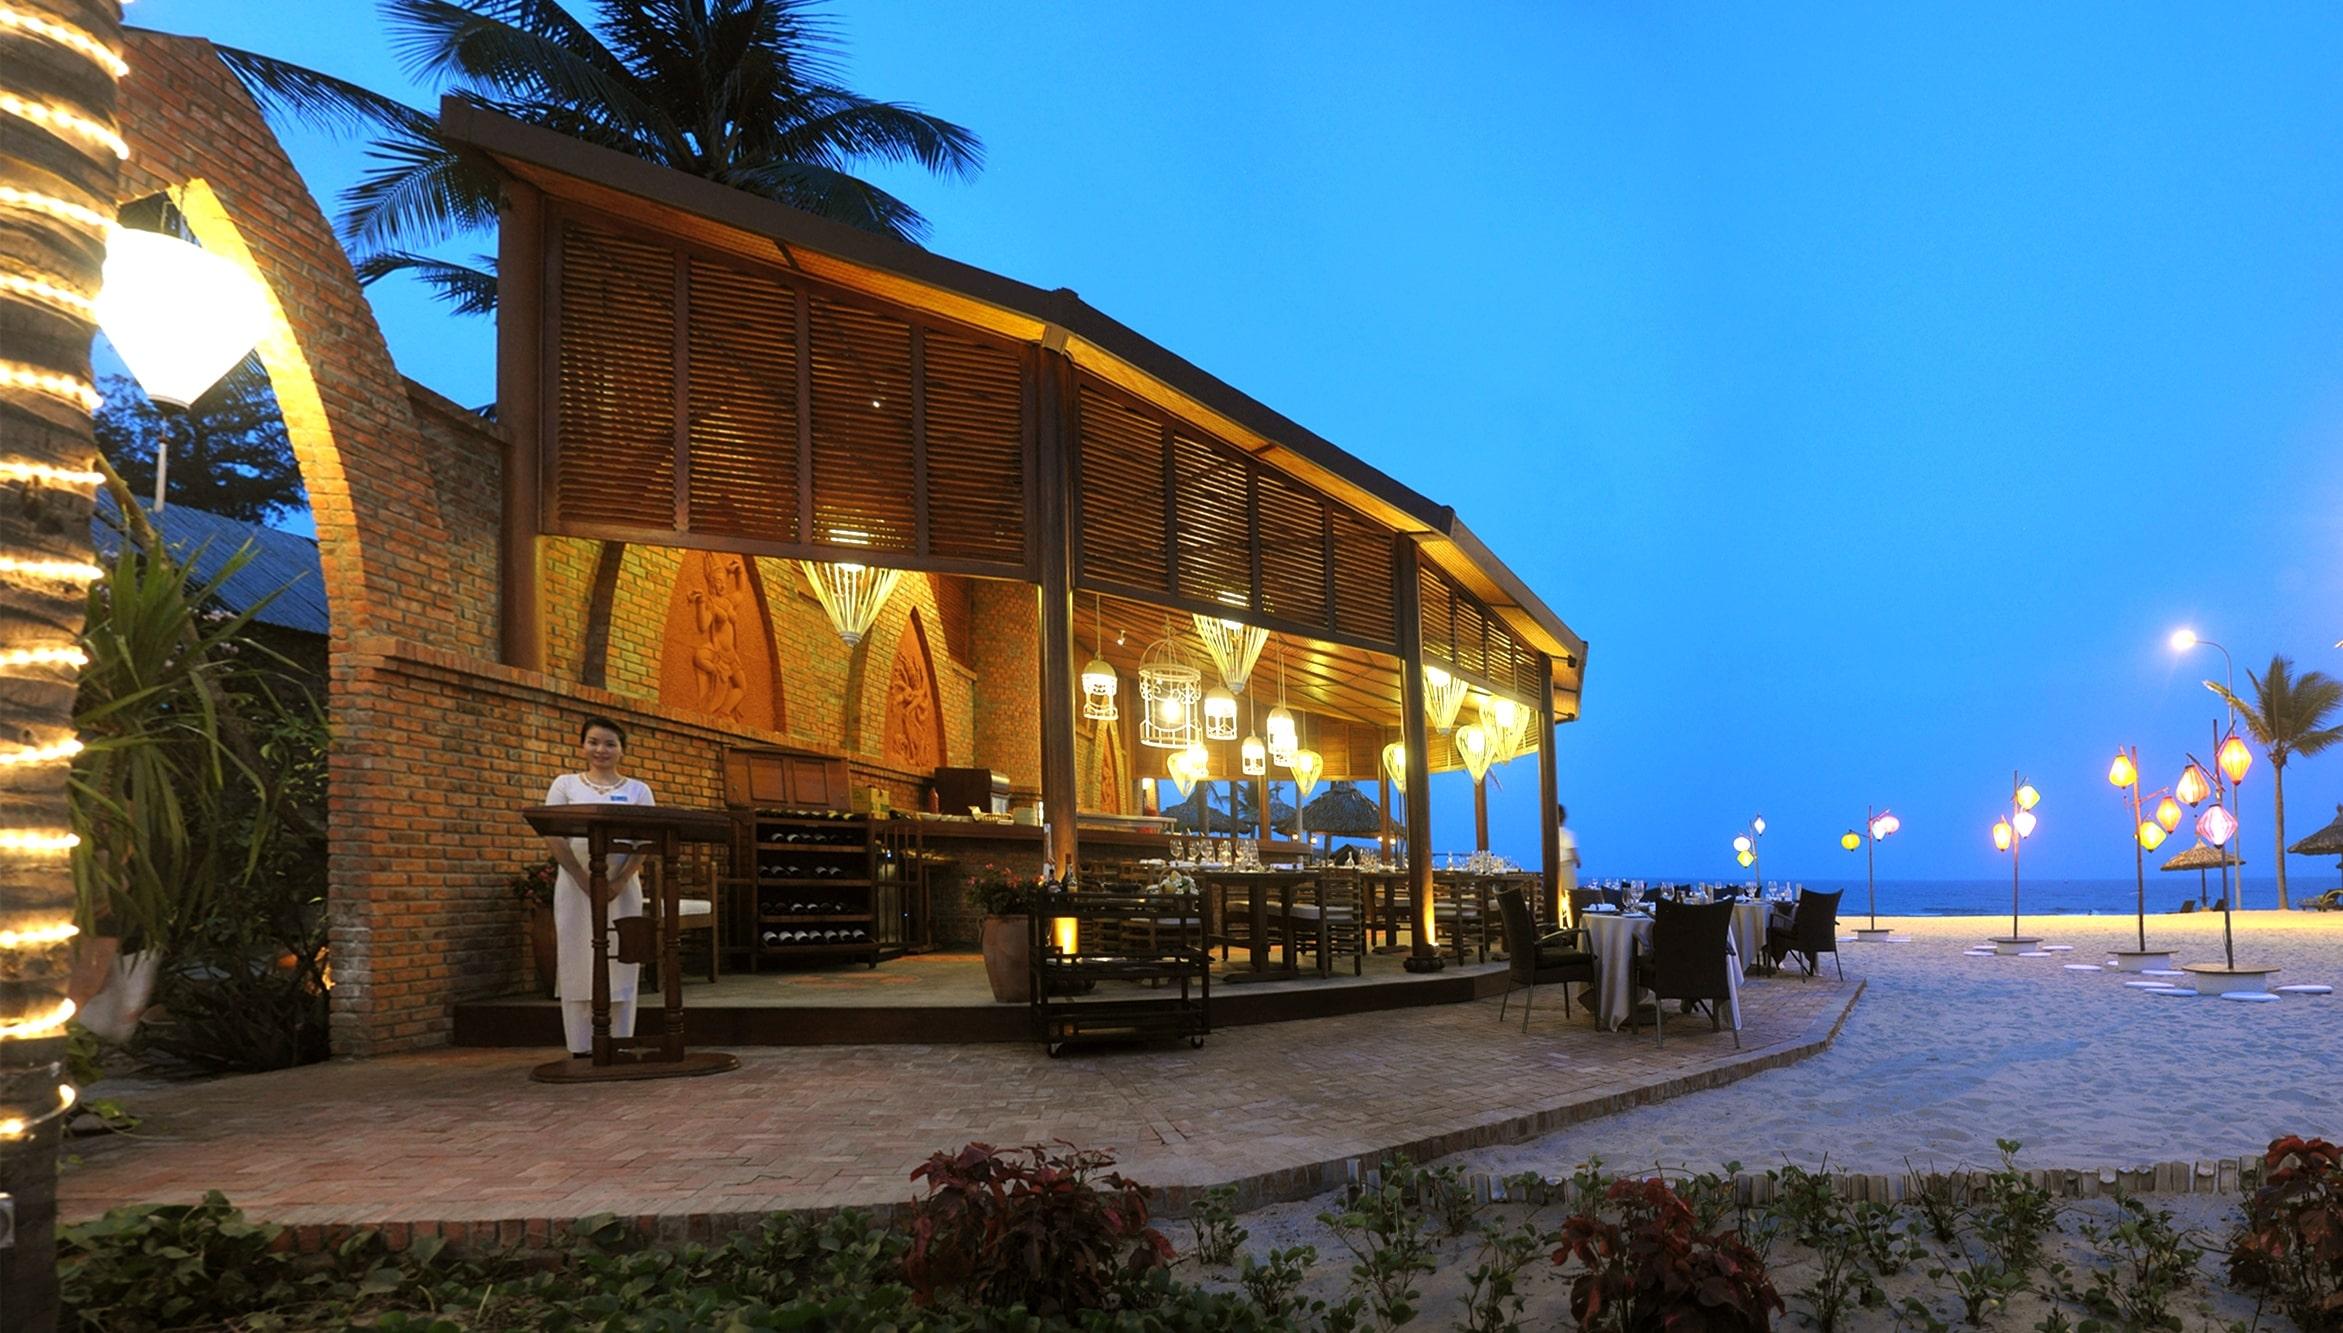 Nhà hàng Steak House nằm ngay bãi biển của resort furama đà nẵng